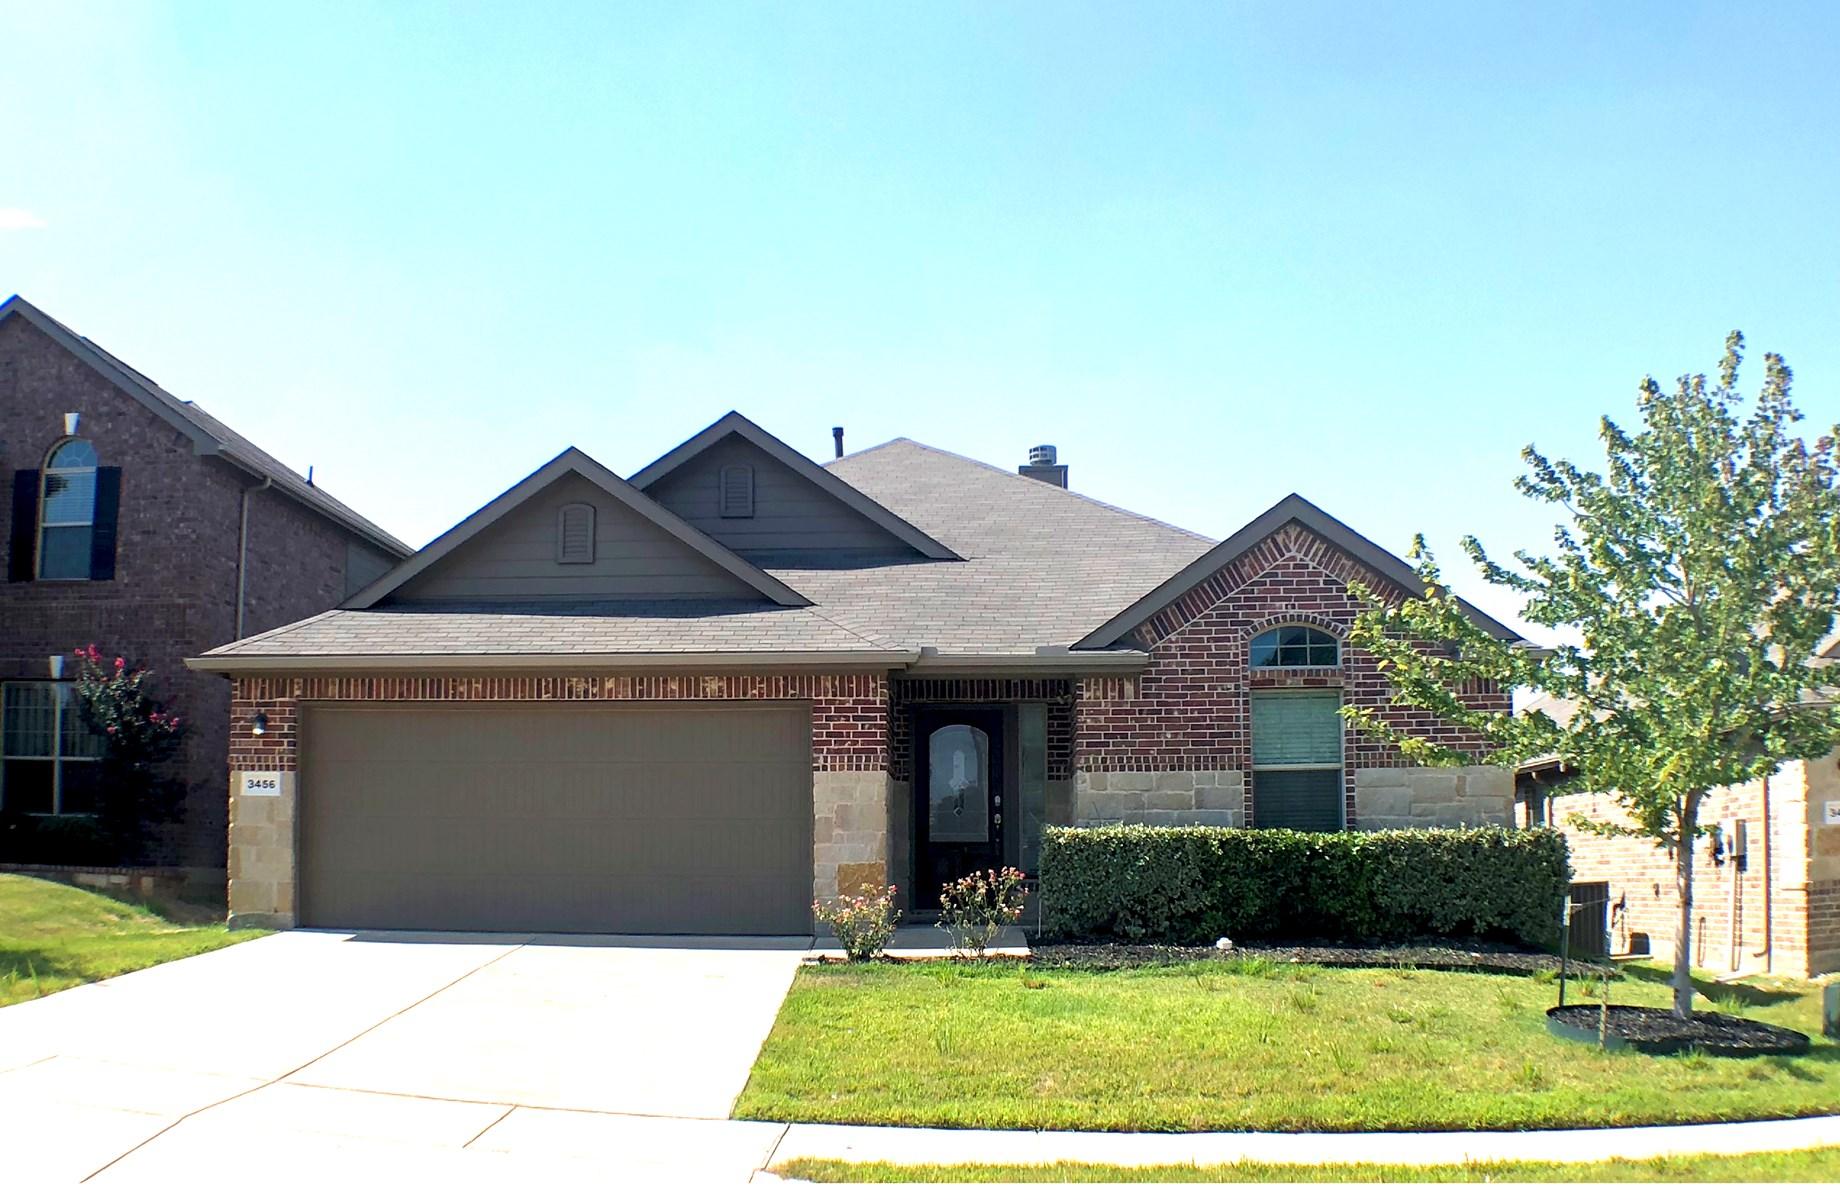 Home for Sale in Keller ISD!